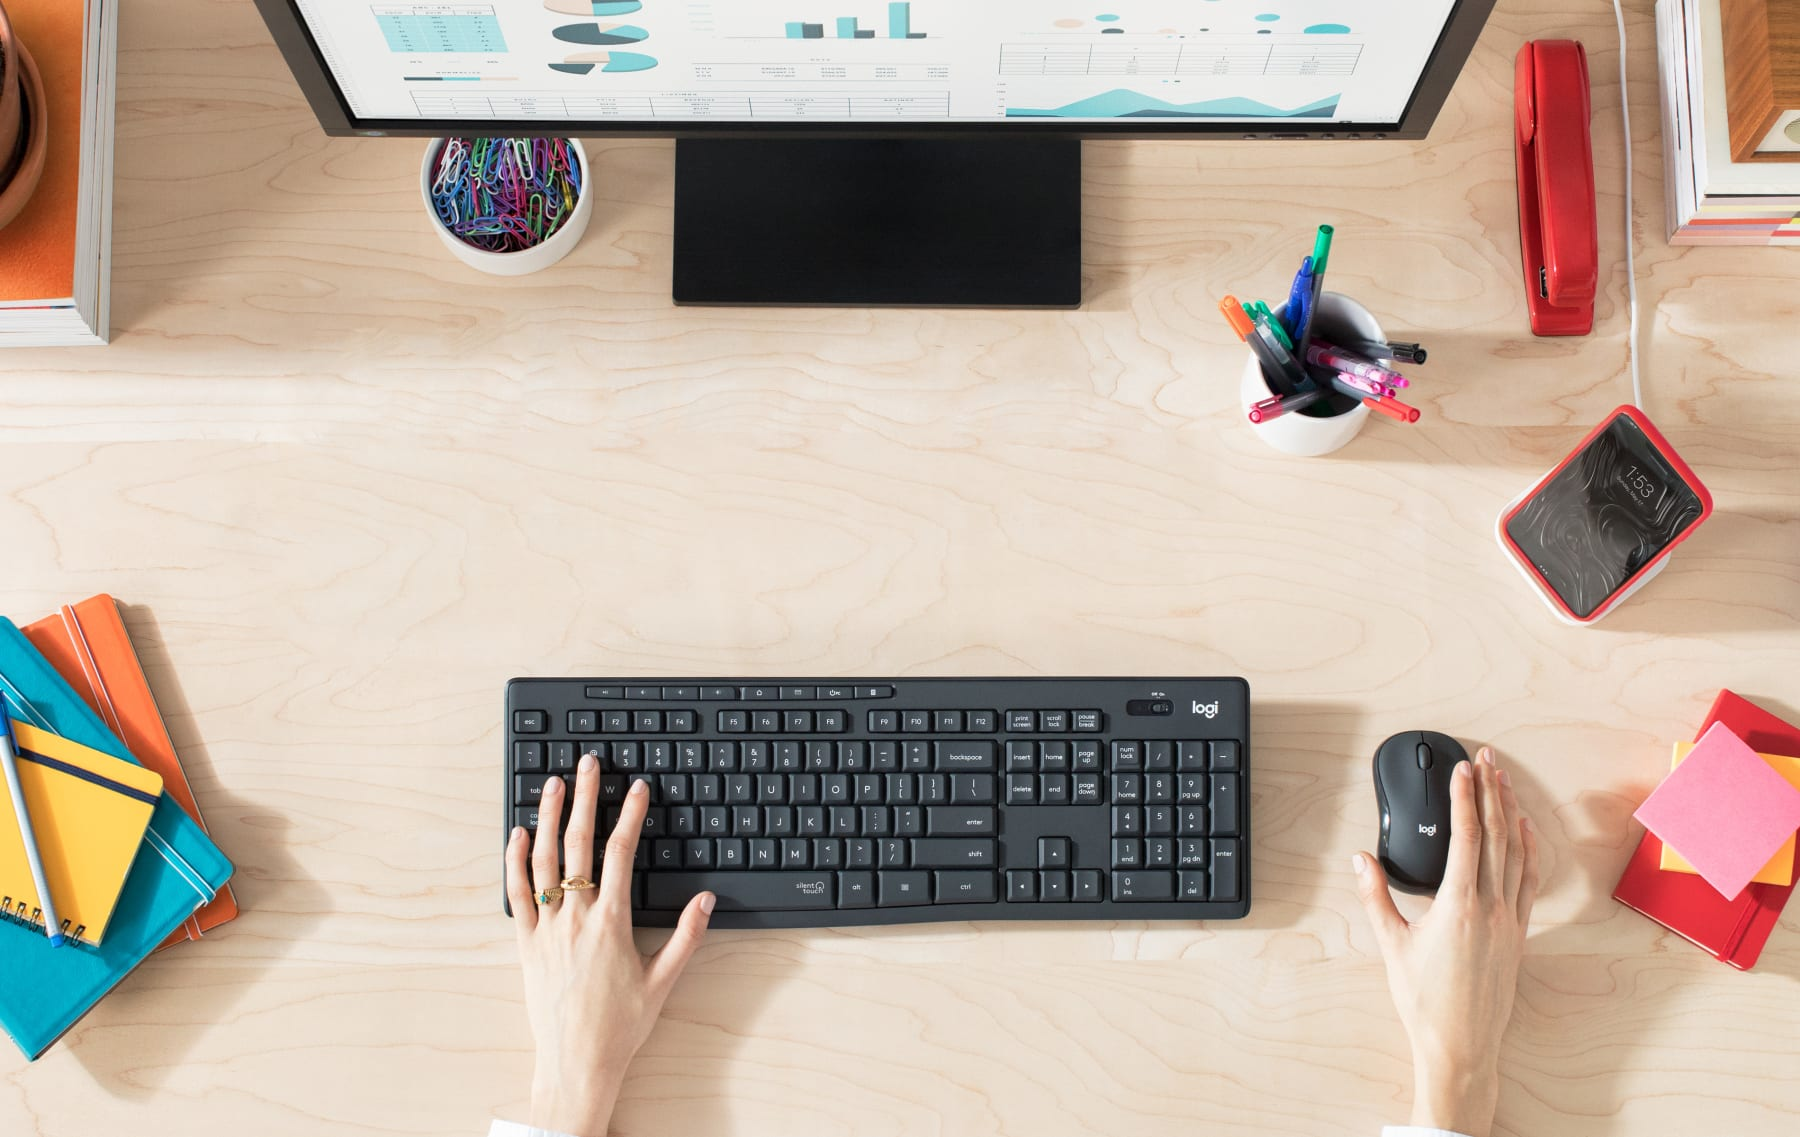 Bộ bàn phím + chuột không dây Logitech MK295 màu đen (USB/SilentTouch) có thiết kế pin trâu